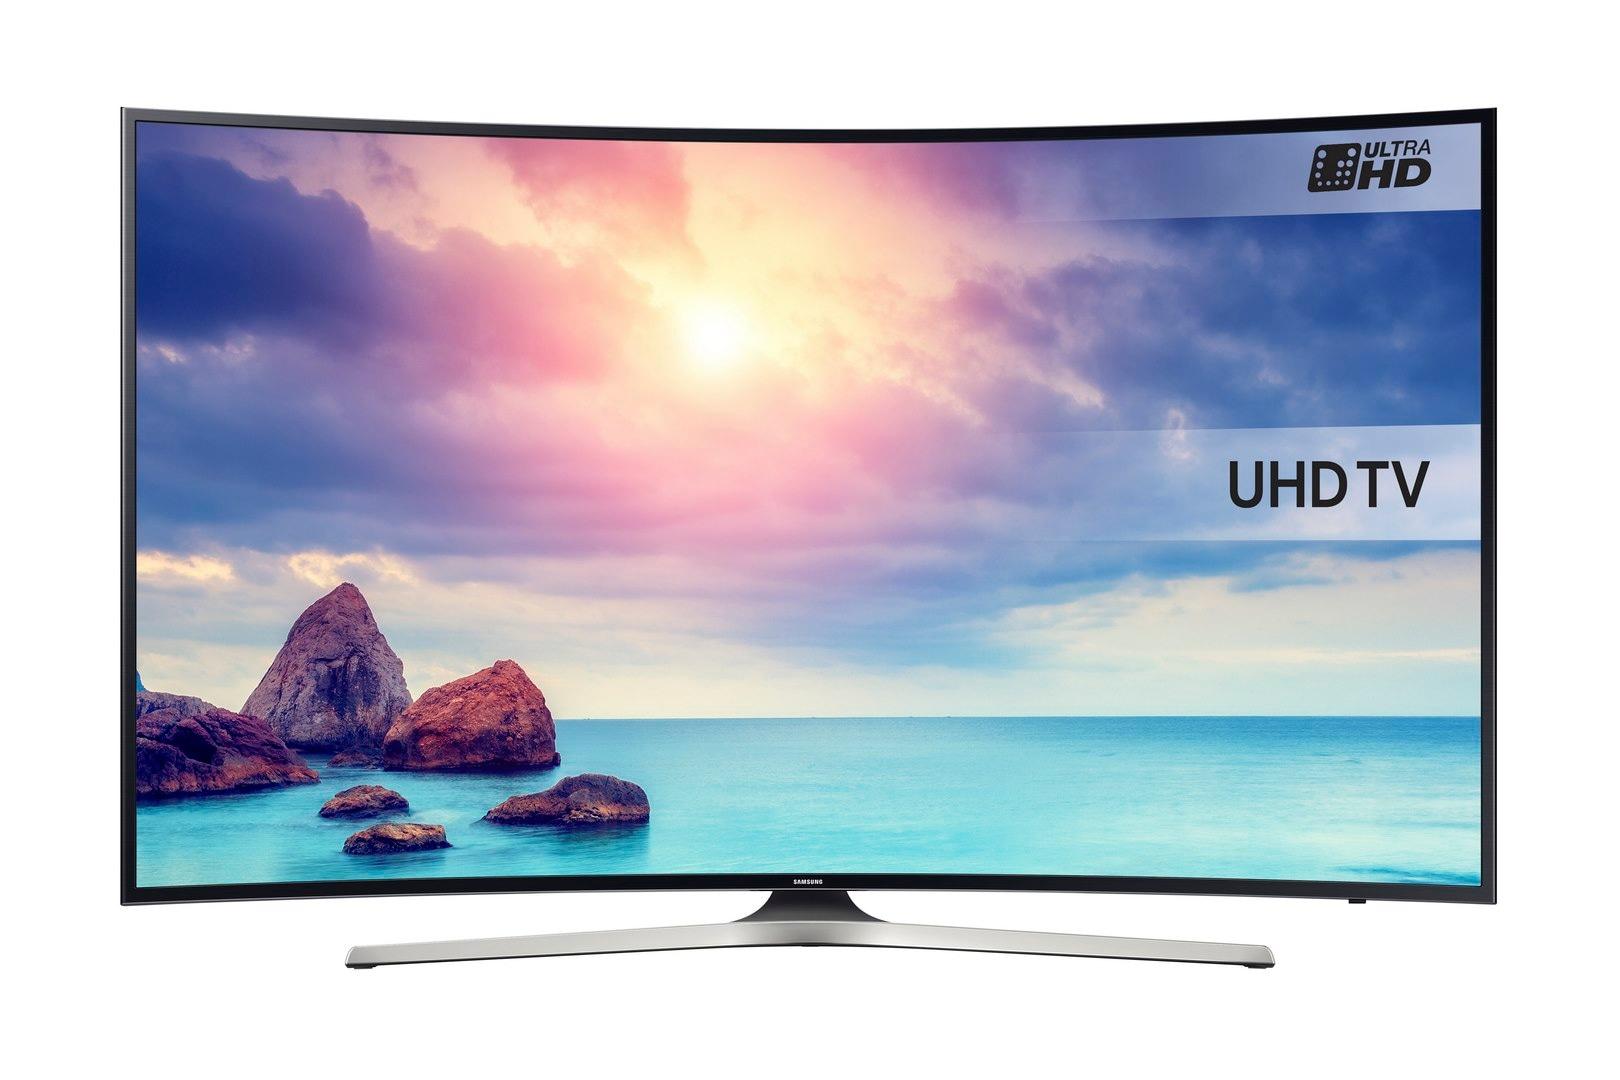 6-Series Curved UHD TV UE55KU6100